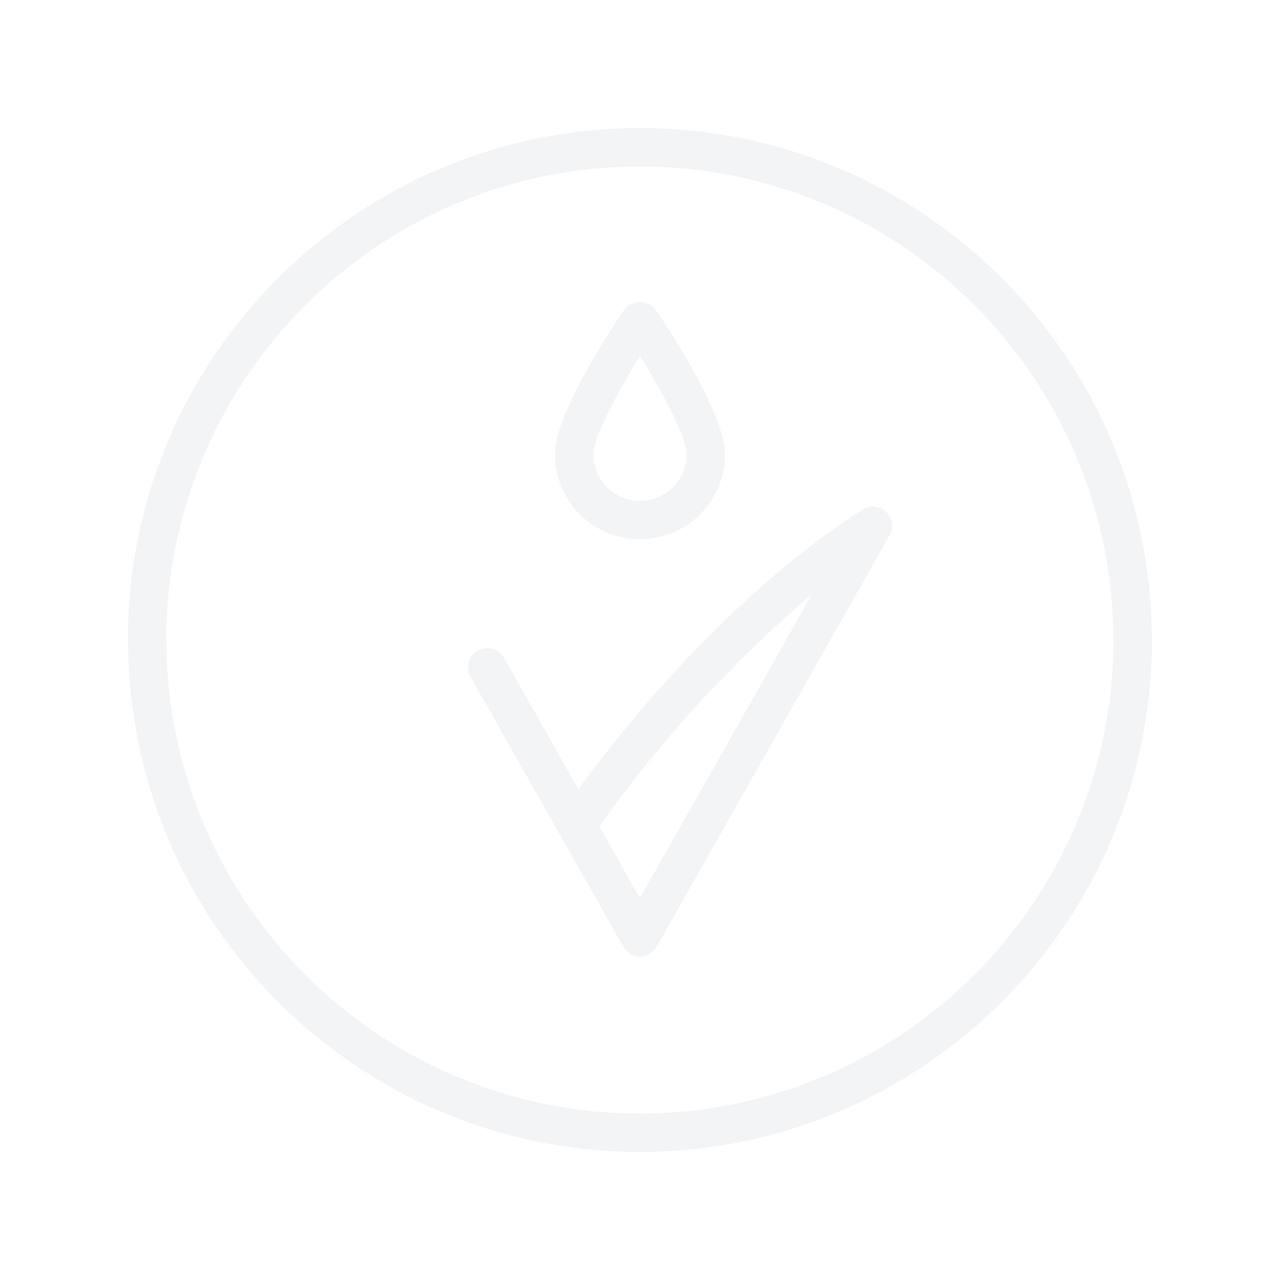 Elizabeth Arden 8 Hour Cream Nighttime Miracle Moisturizer 50ml